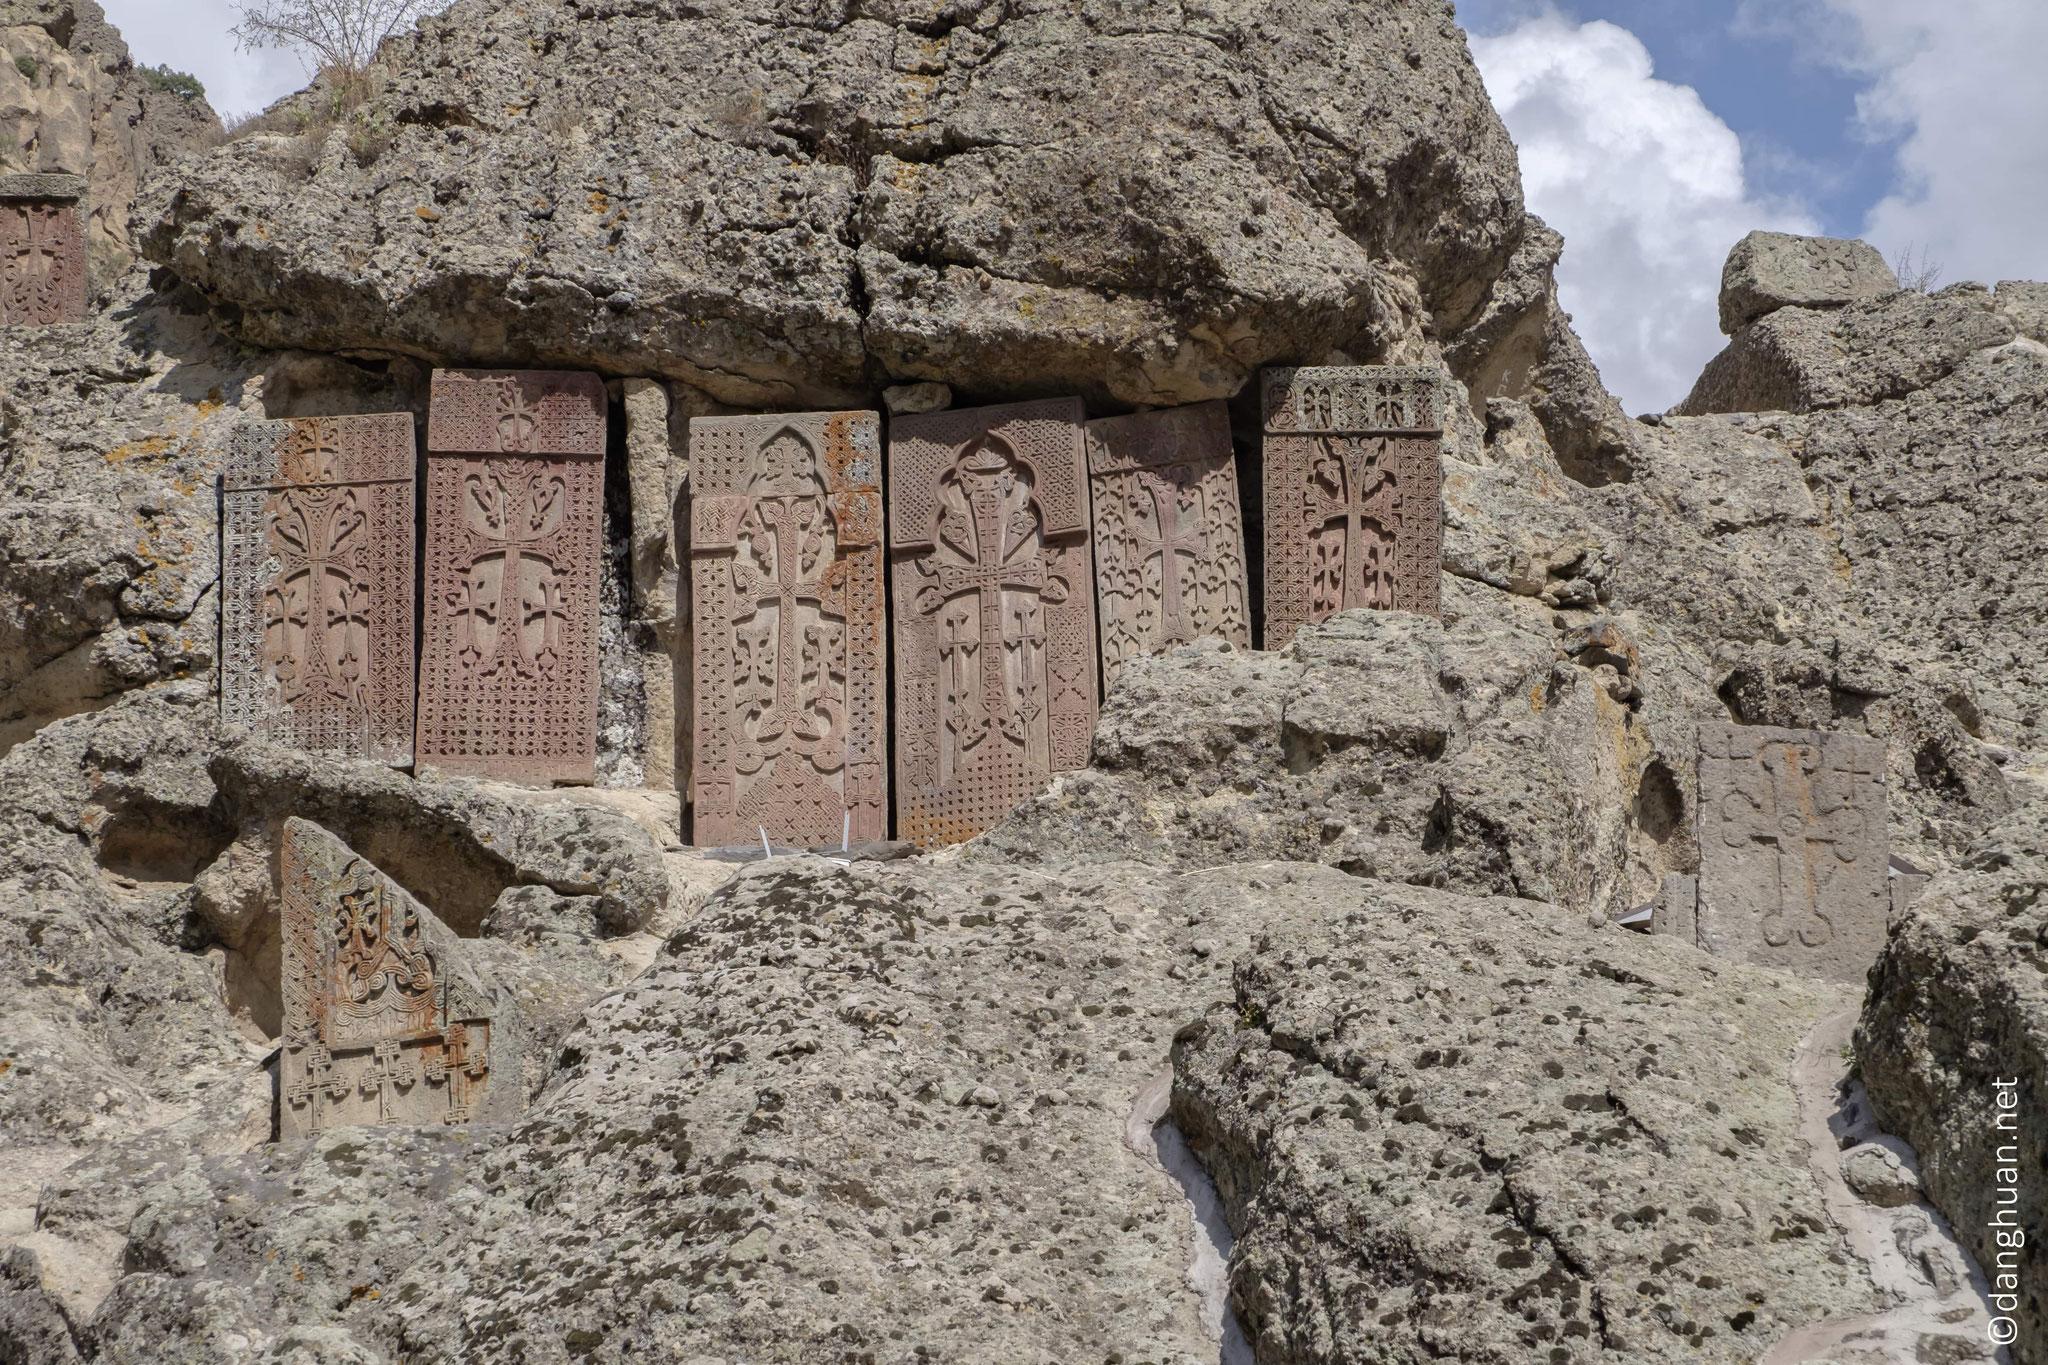 ... puis fut reconstruit et rénové durant des siècles, servant de résidence d'été aux Catholicos (chef de l'Eglise Apostolique arménienne)